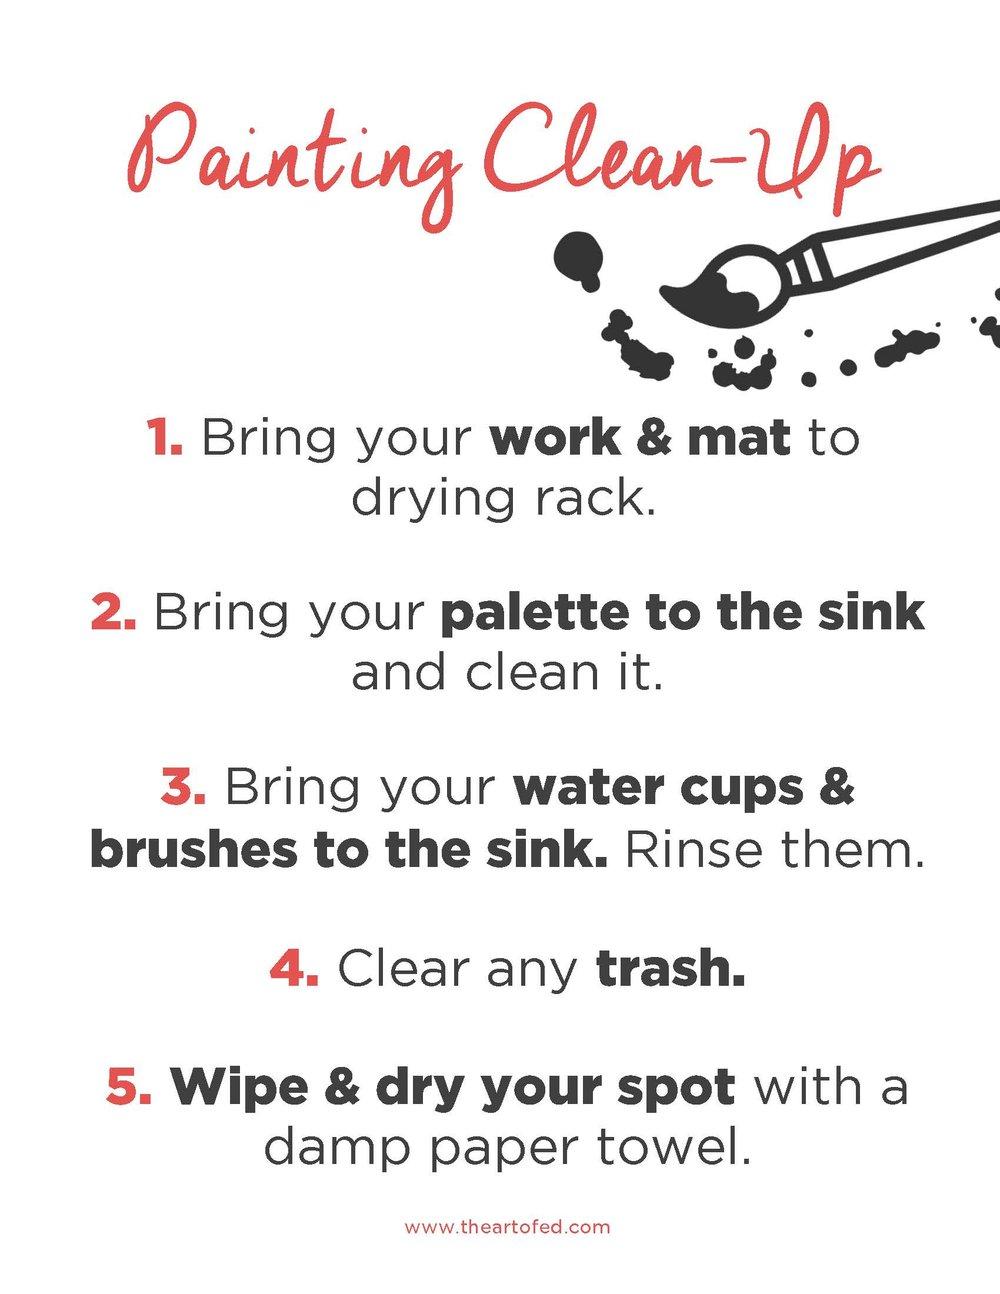 Painting-Clean-Up-1-1.jpg